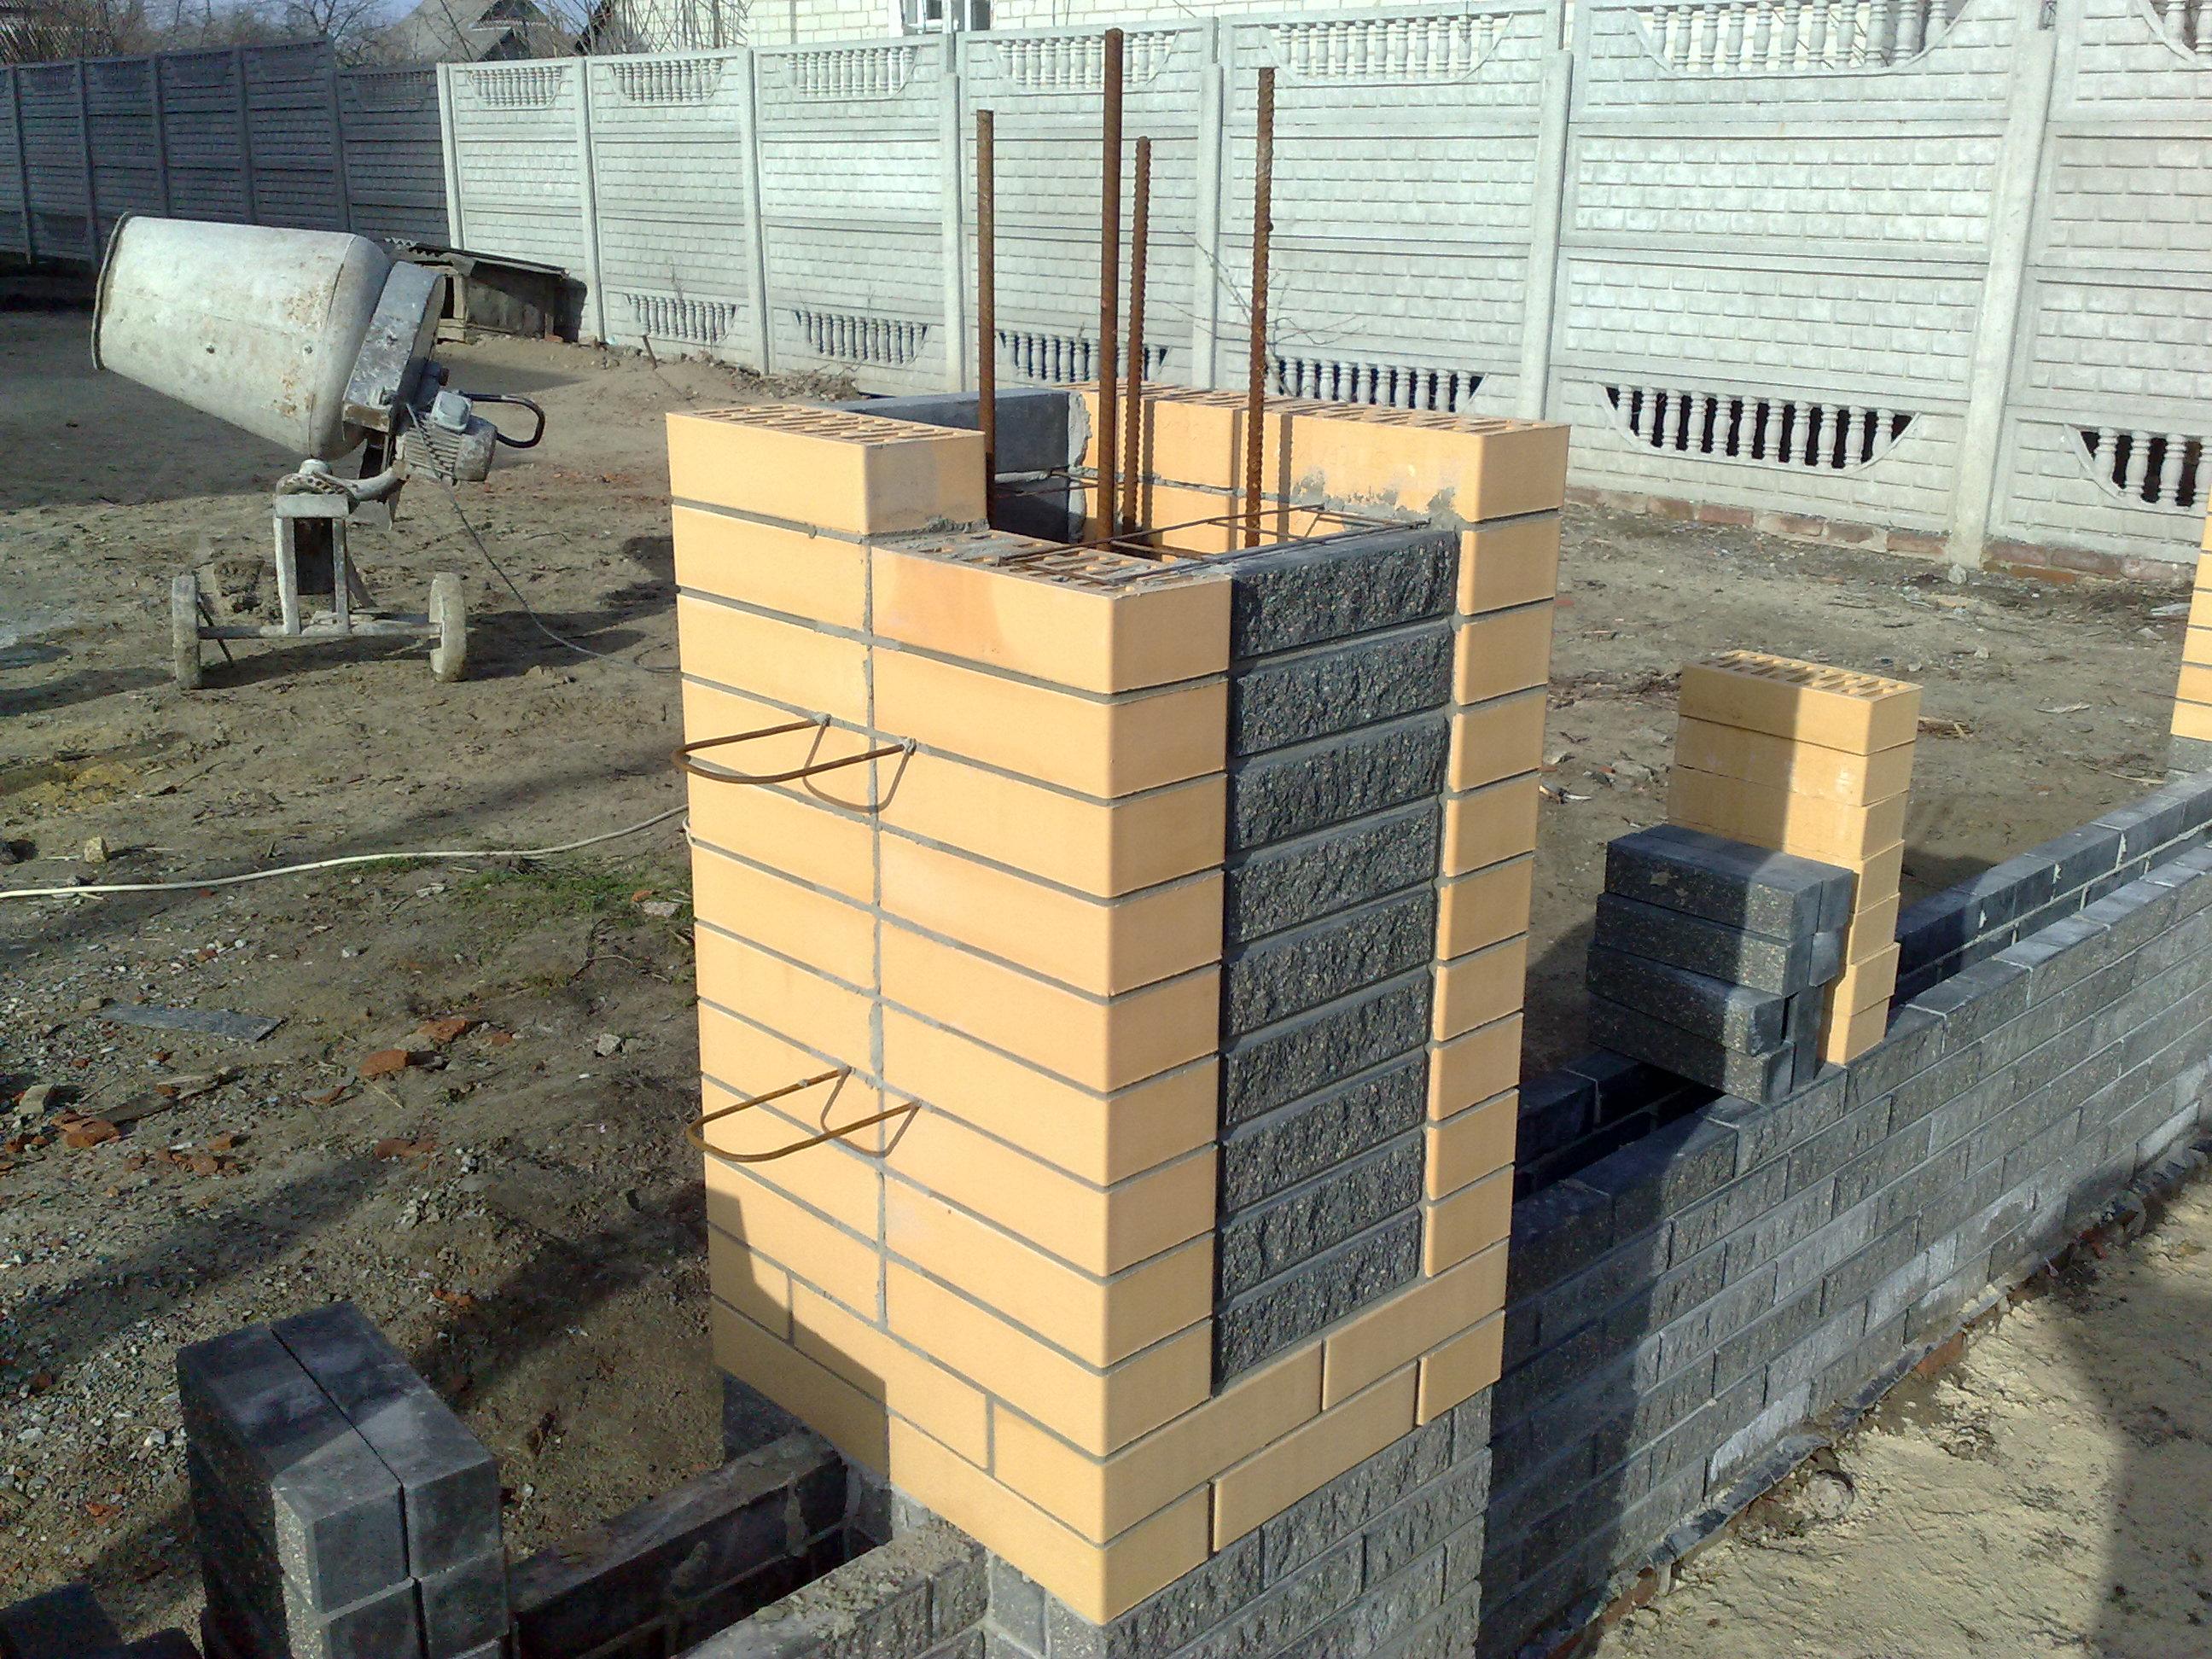 Для того, чтобы колонна была прочной, необходимо подготовить каркас и залить его бетоном. Для каркаса используется арматура.